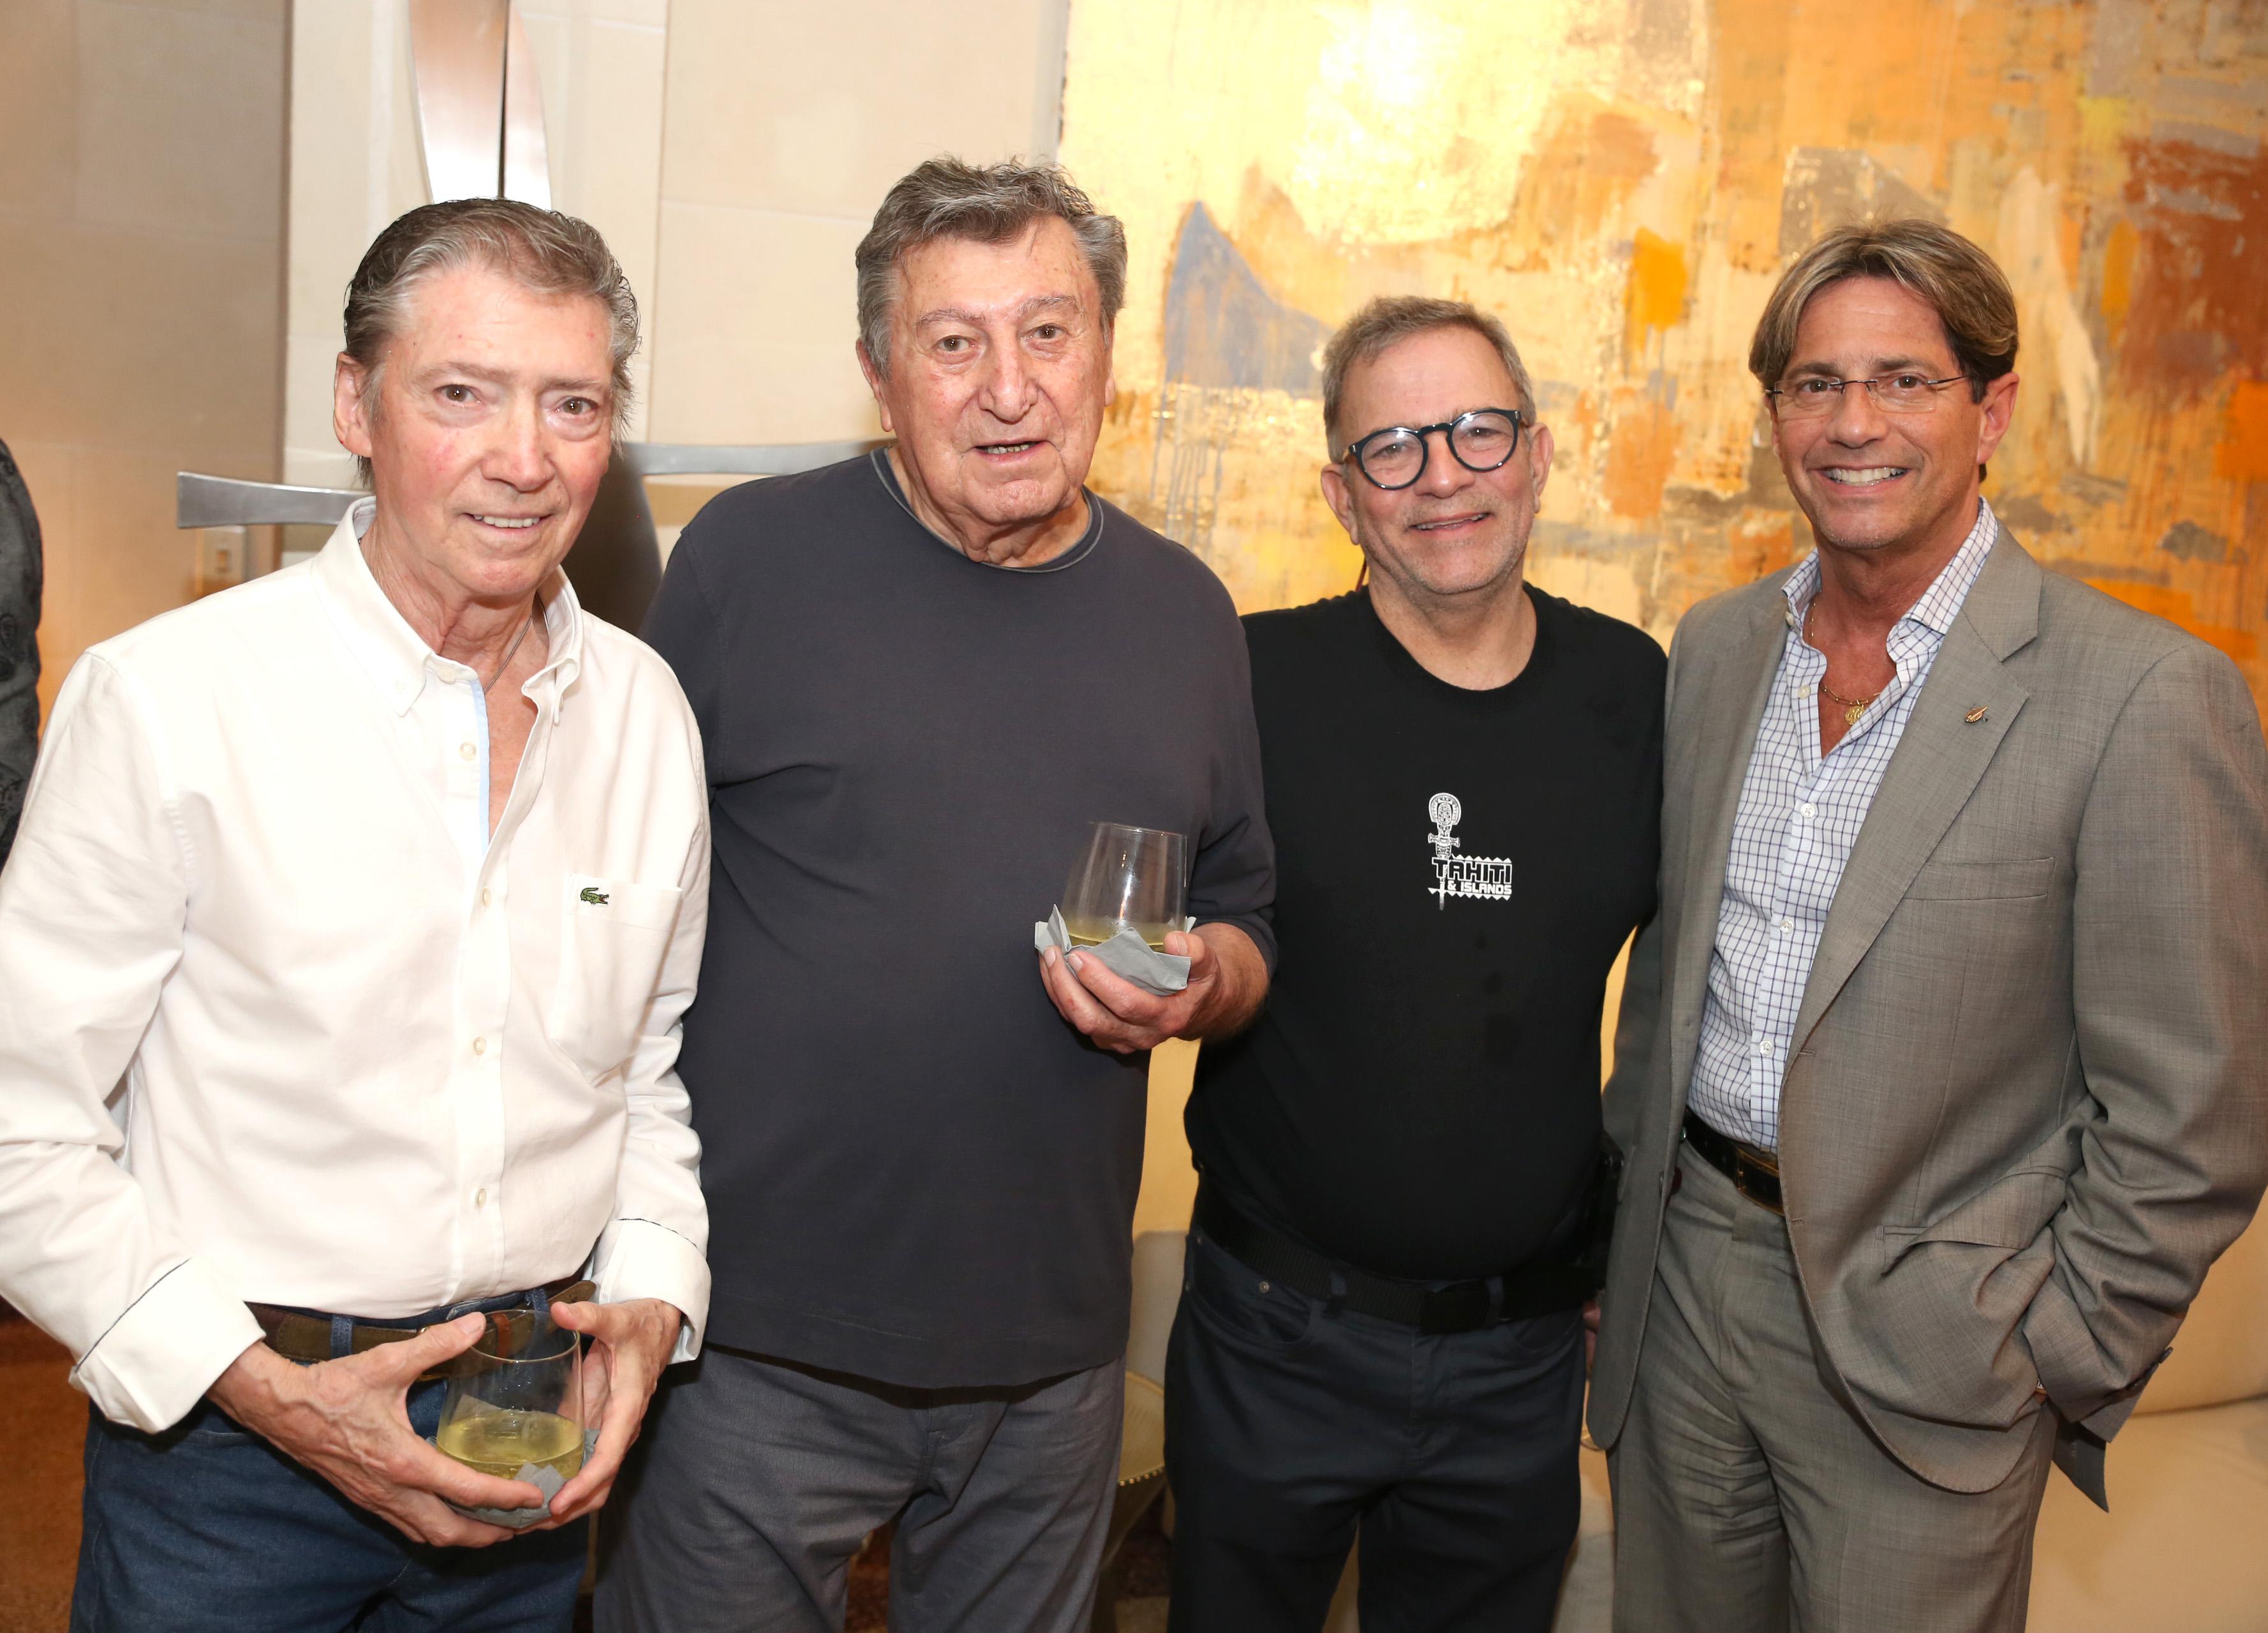 Fernando López, Jorge Roselló, Gabriel Hernández y Jorge Roig. (José. R. Pérez Centeno)